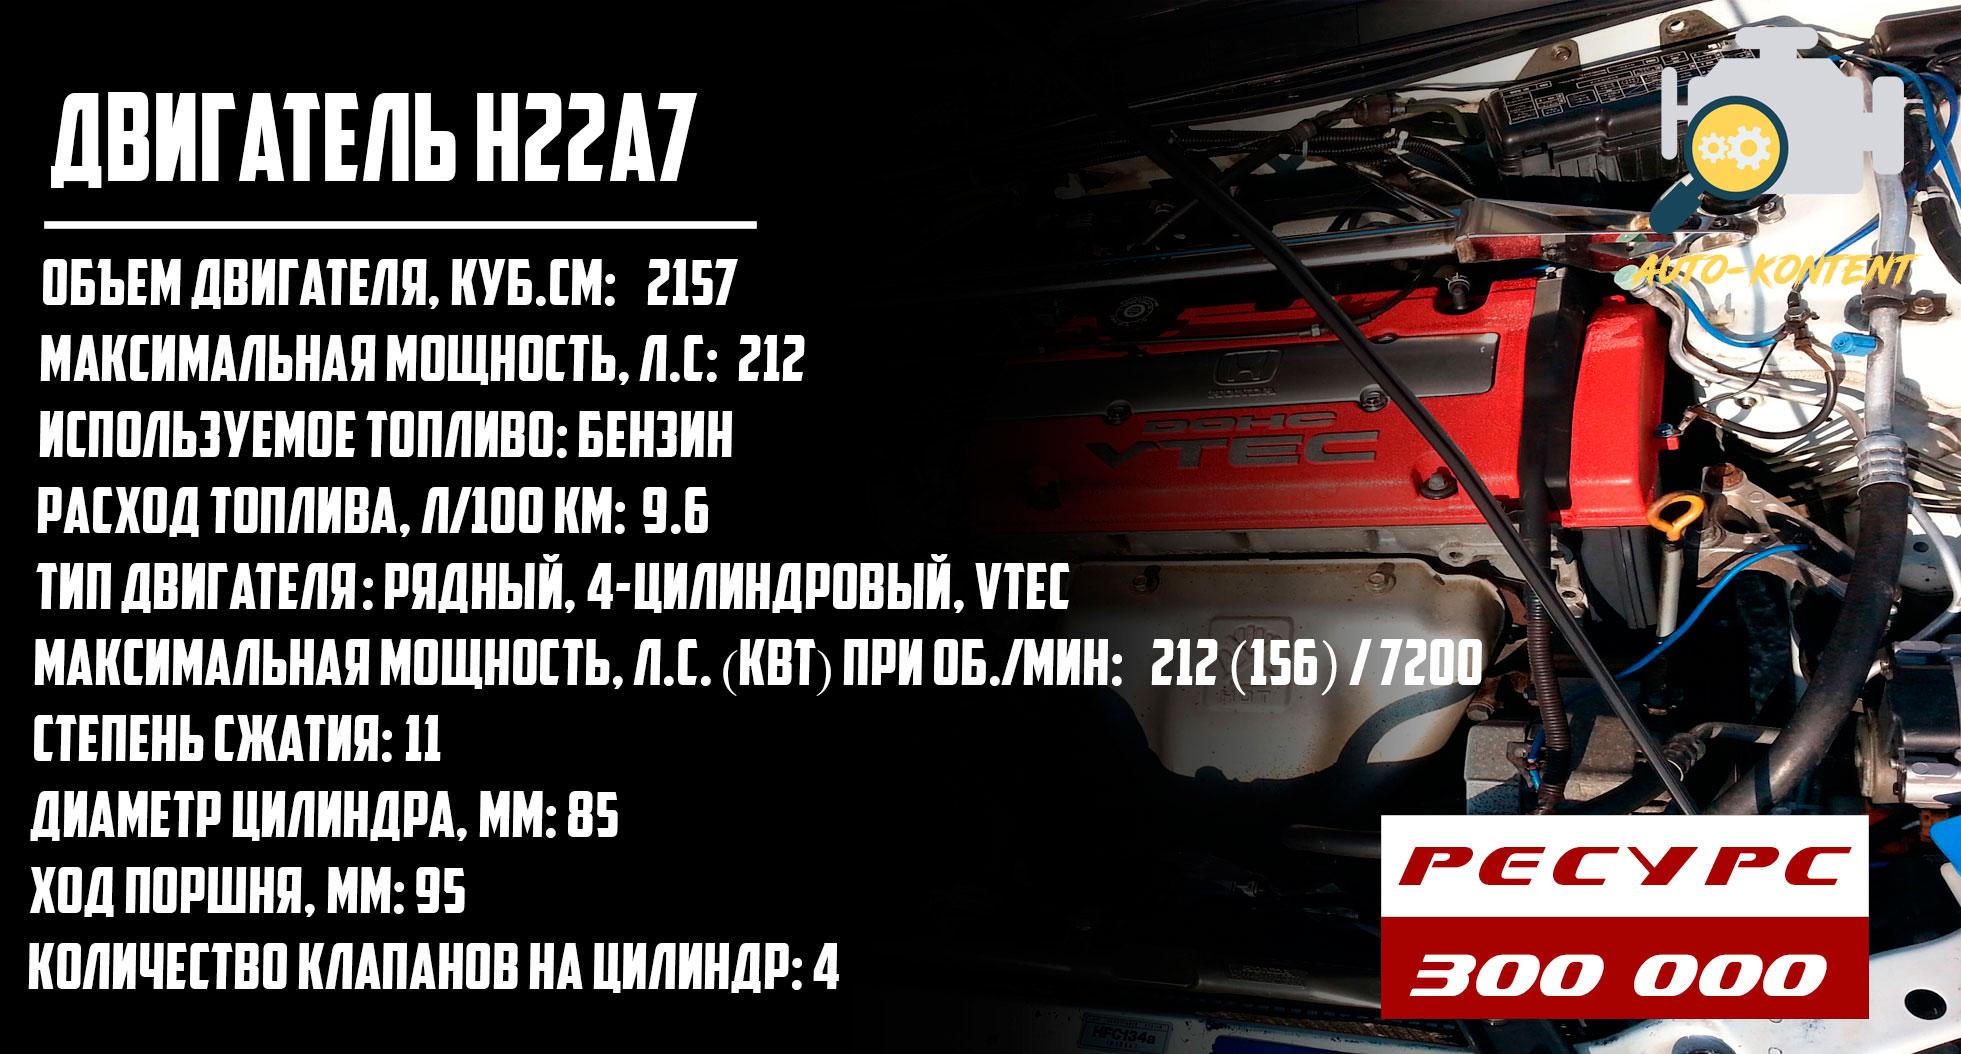 H22A7